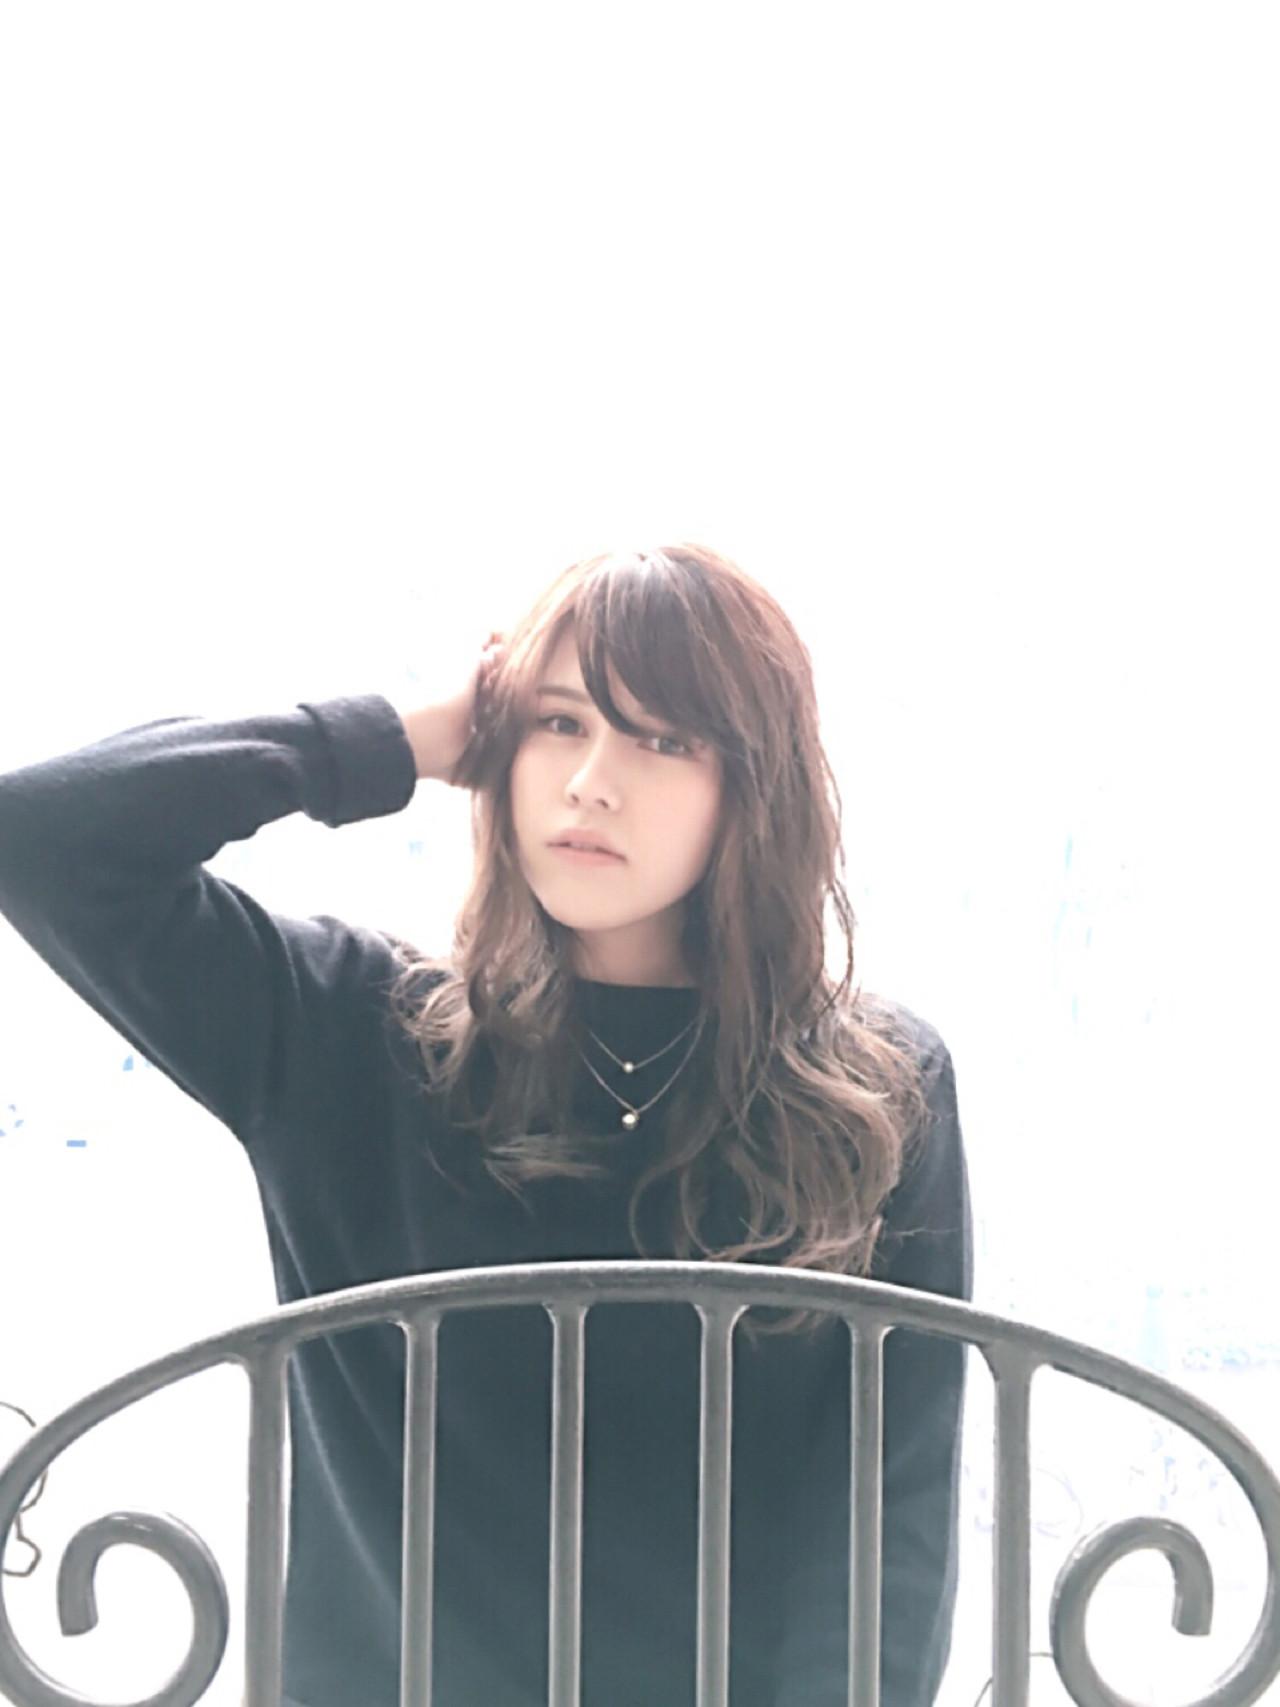 ナチュラル 大人女子 ベージュ フェミニン ヘアスタイルや髪型の写真・画像 | カラーリスト・YuuKi Sekimoto / wherever